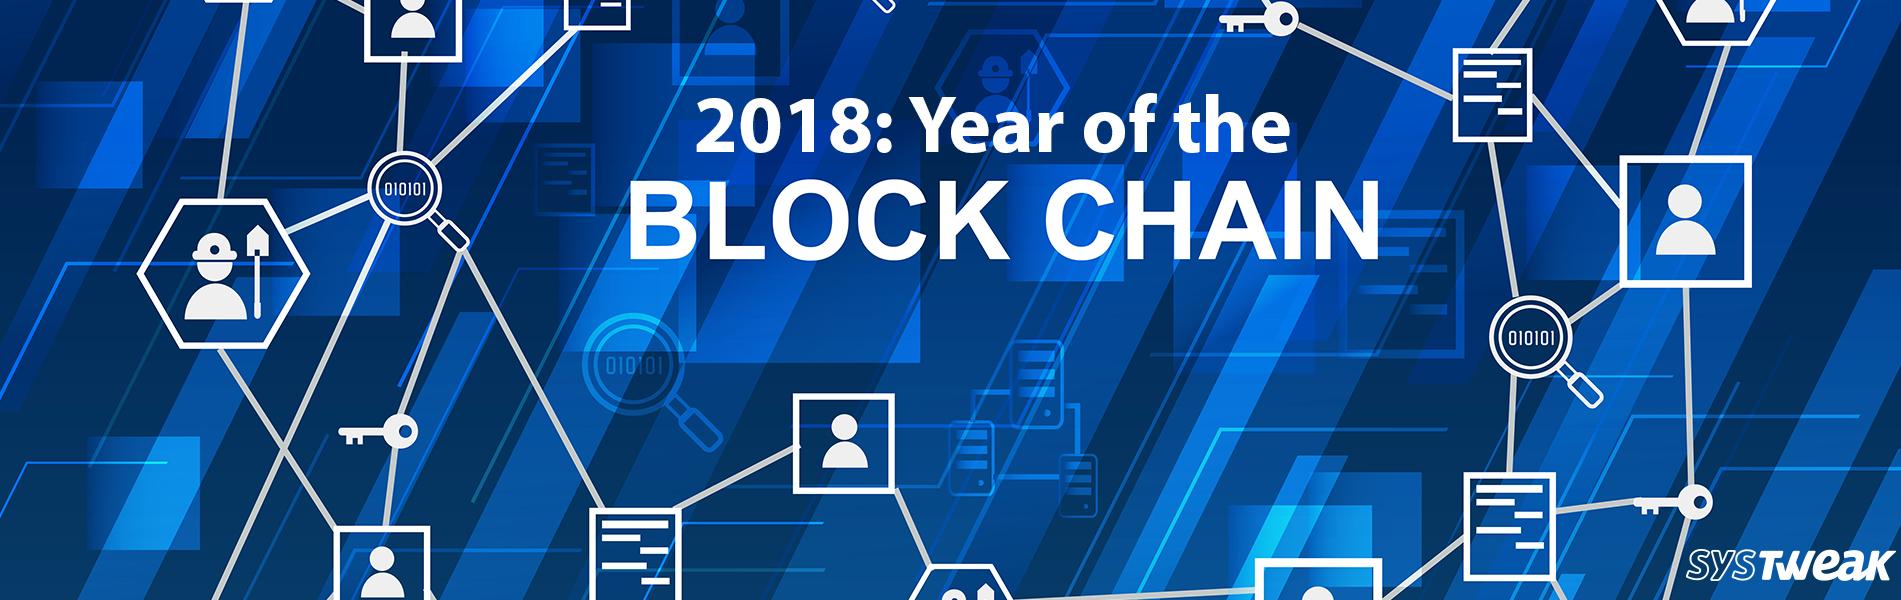 2018: The Year Blockchain Goes Mainstream